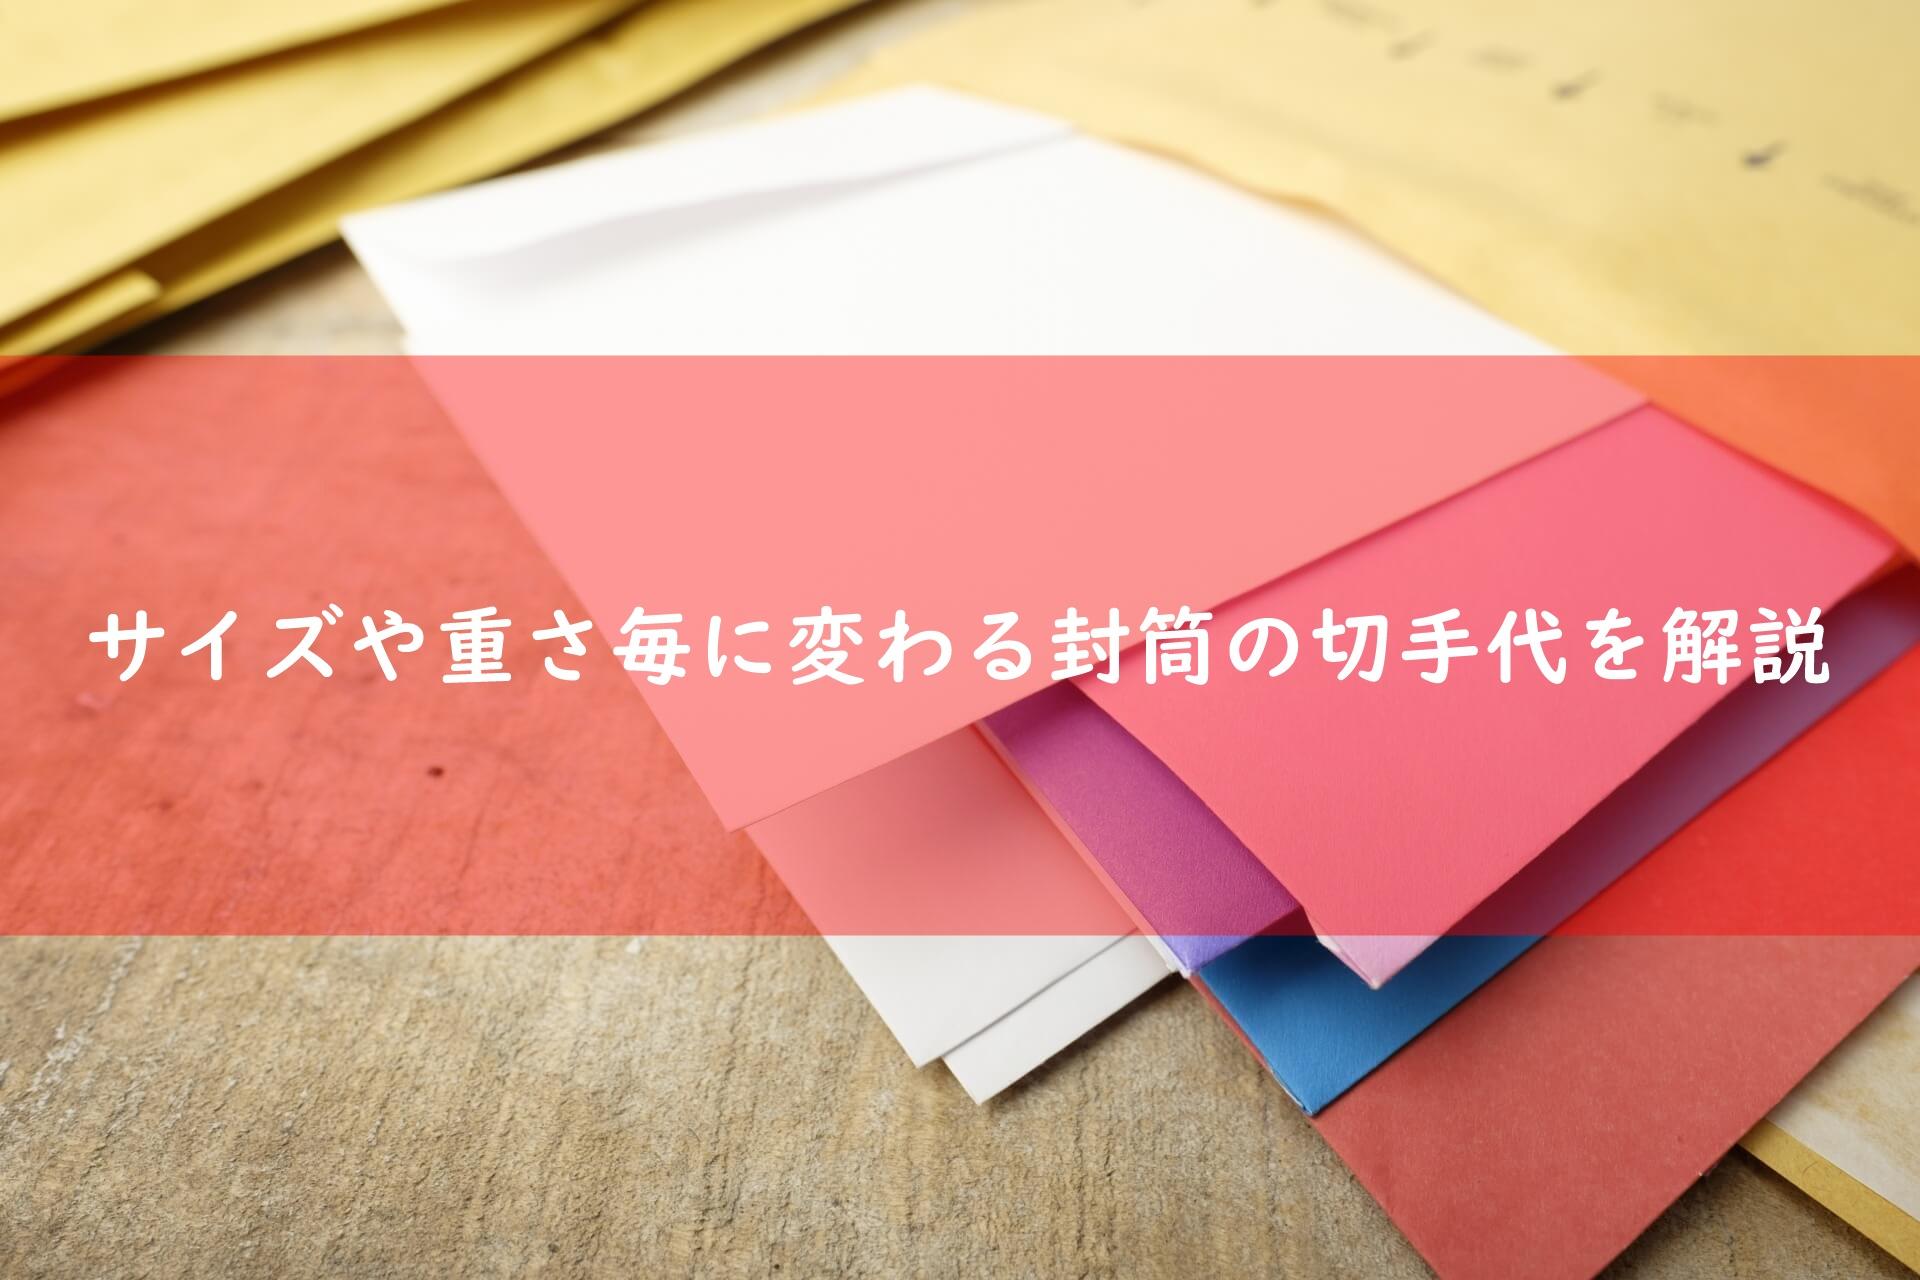 サイズや重さ毎に変わる封筒の切手代を解説